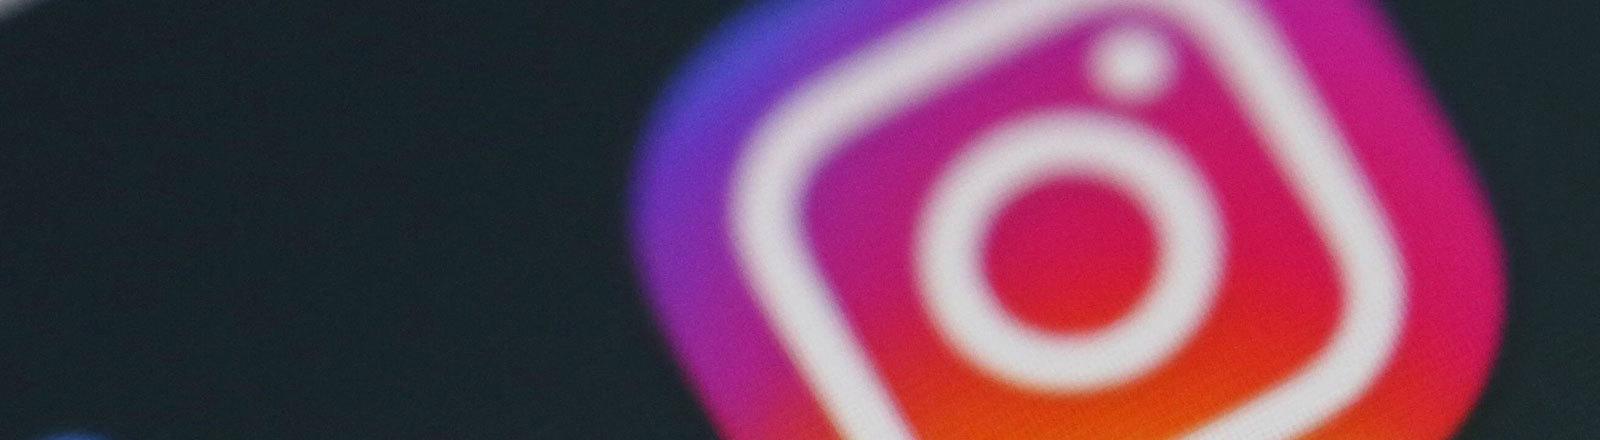 Das Instagram-Logo auf einem Smartphone